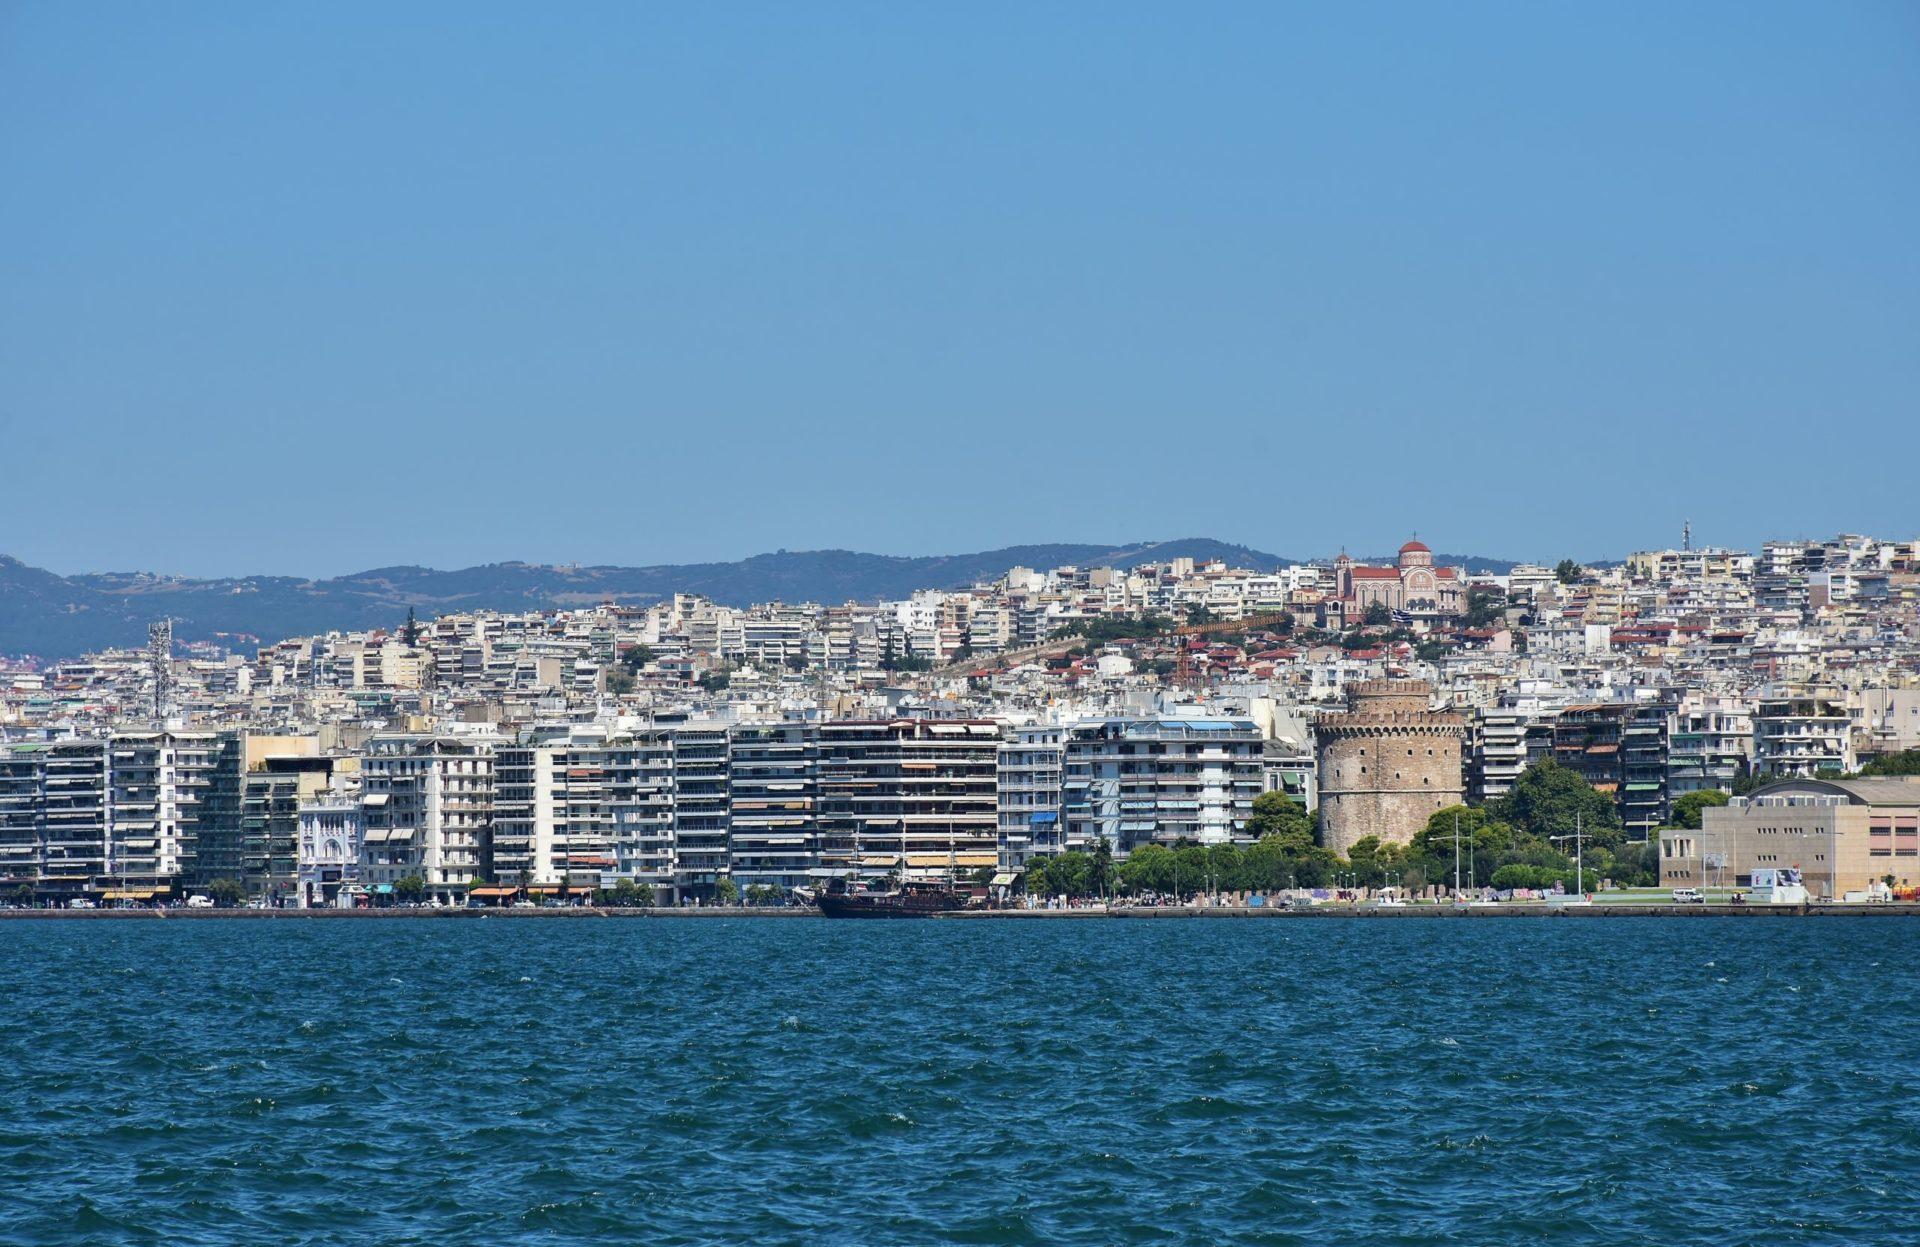 Wassertemperatur Thessaloniki: Blick über den Thermaischen Golf auf das Ufer von Thessaloniki mit dem von Bäumen umgebenen Weißen Turm